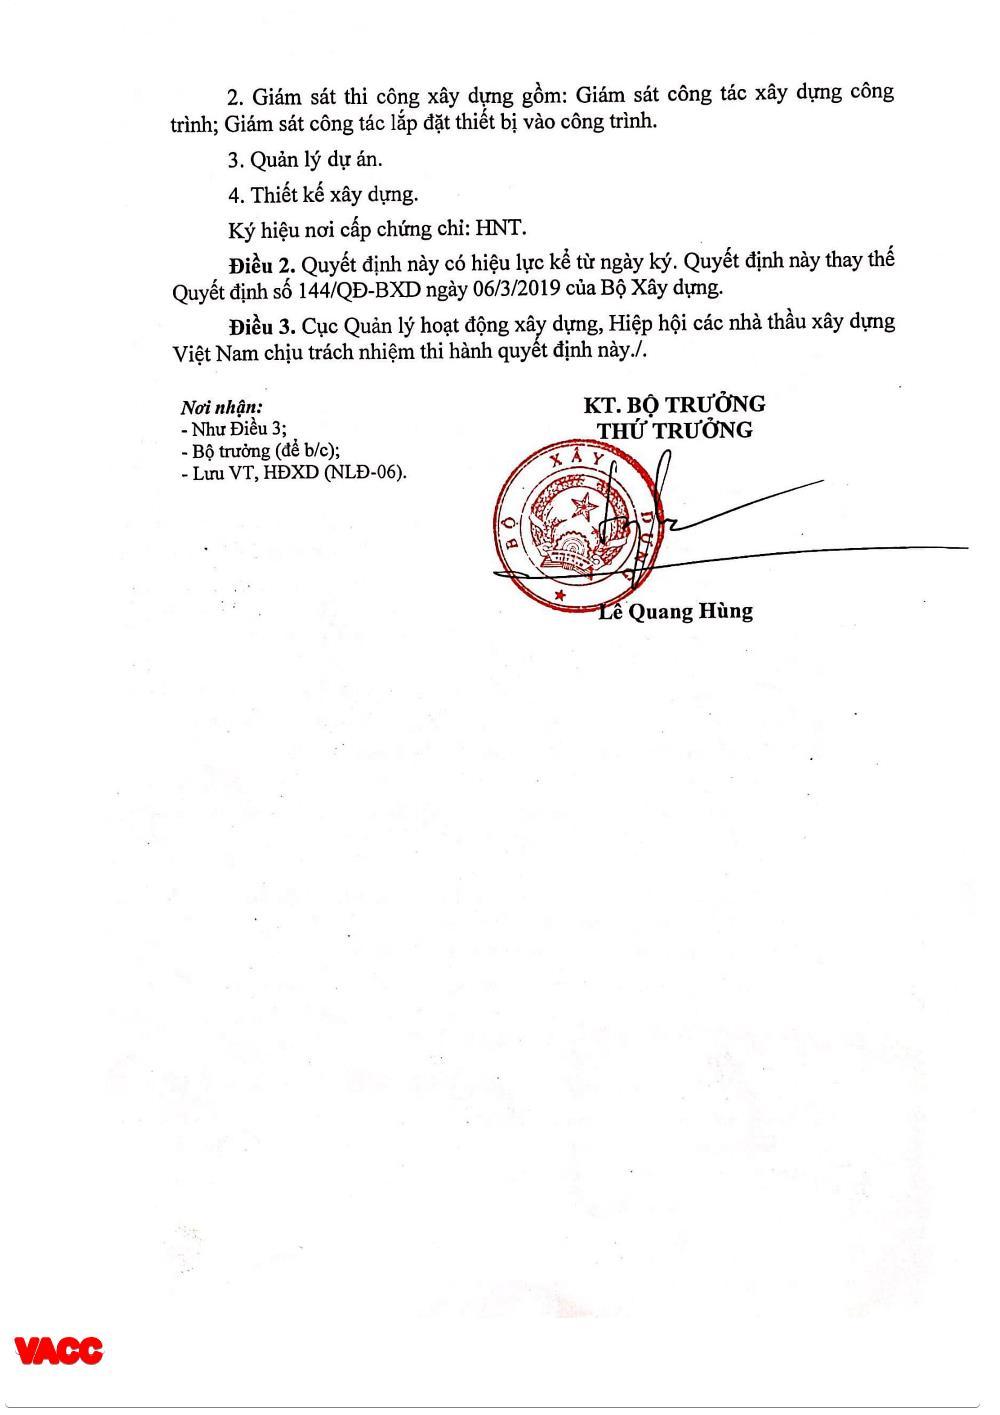 Quyết định số 291/QĐ-BXD công nhận VACC đủ điều kiện cấp Chứng chỉ hành nghề